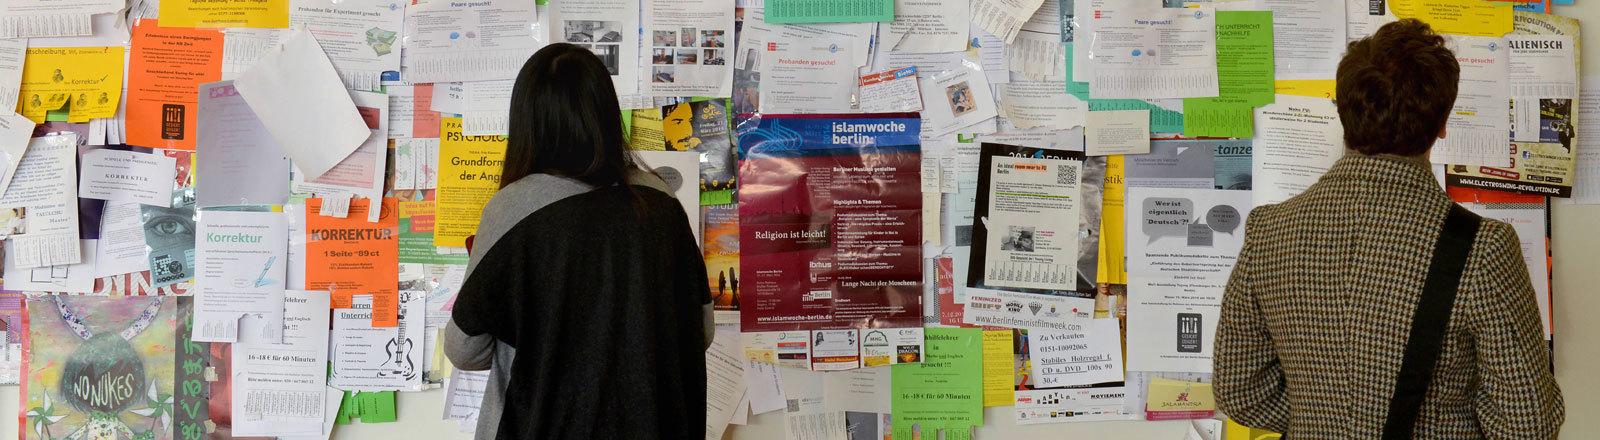 Zwei Studierende suchen an einem Schwarzen Brett nach Angeboten.